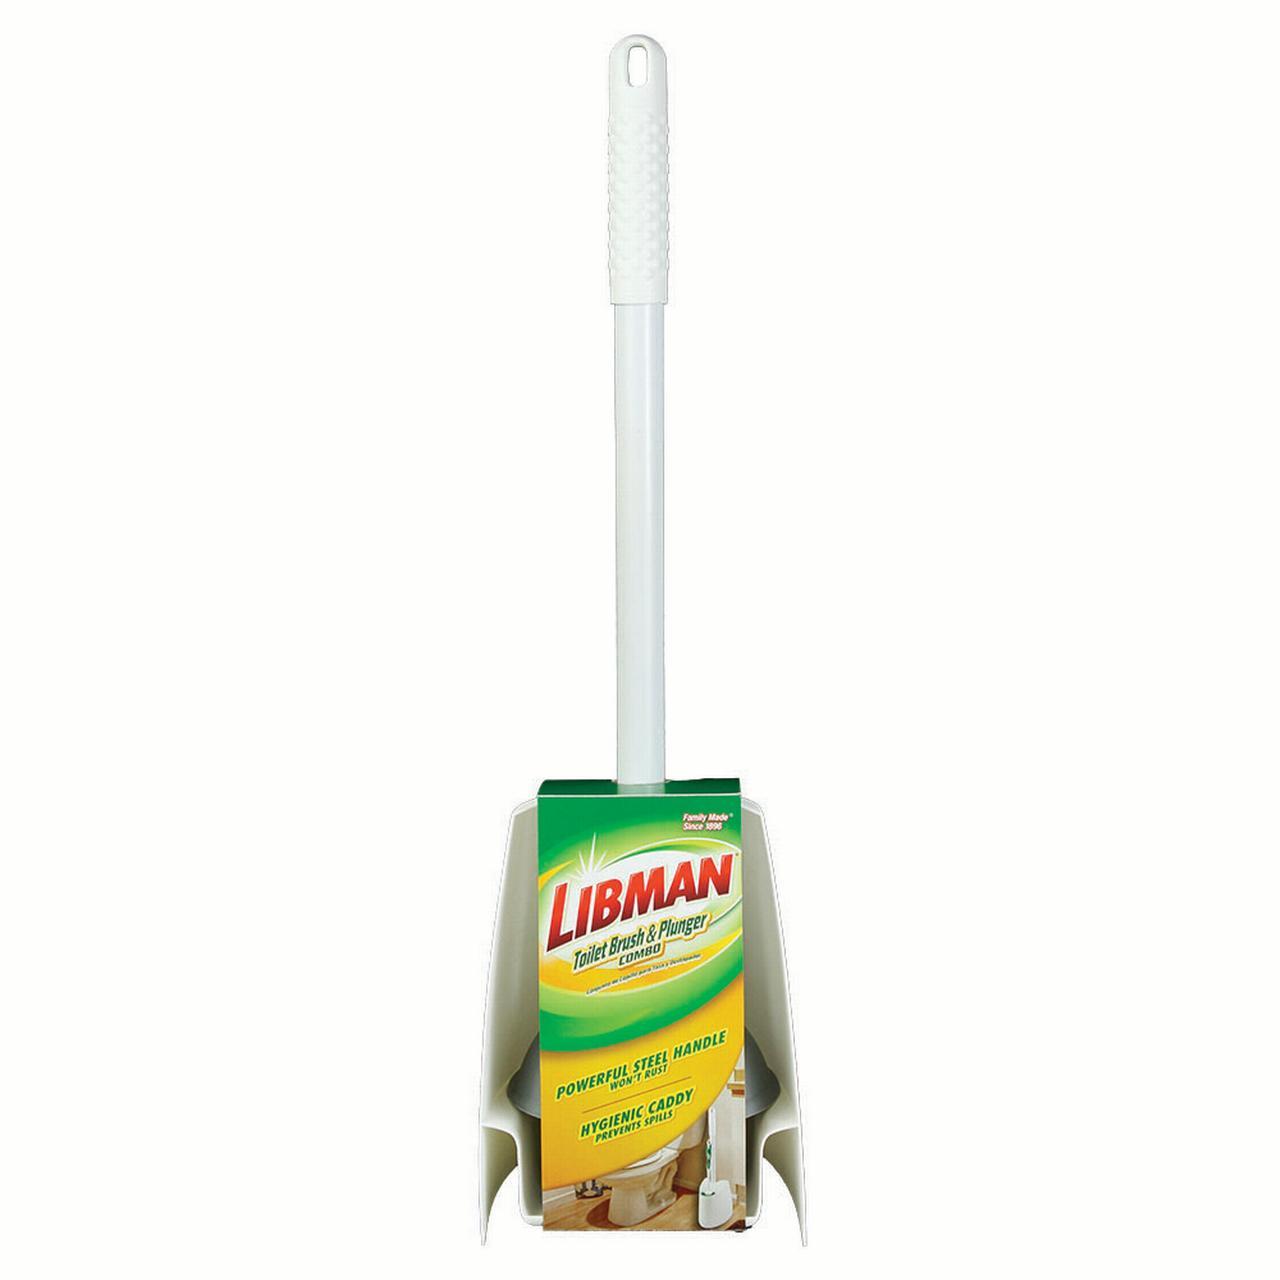 Libman Toilet Brush Amp Plunger Combo Walmart Com